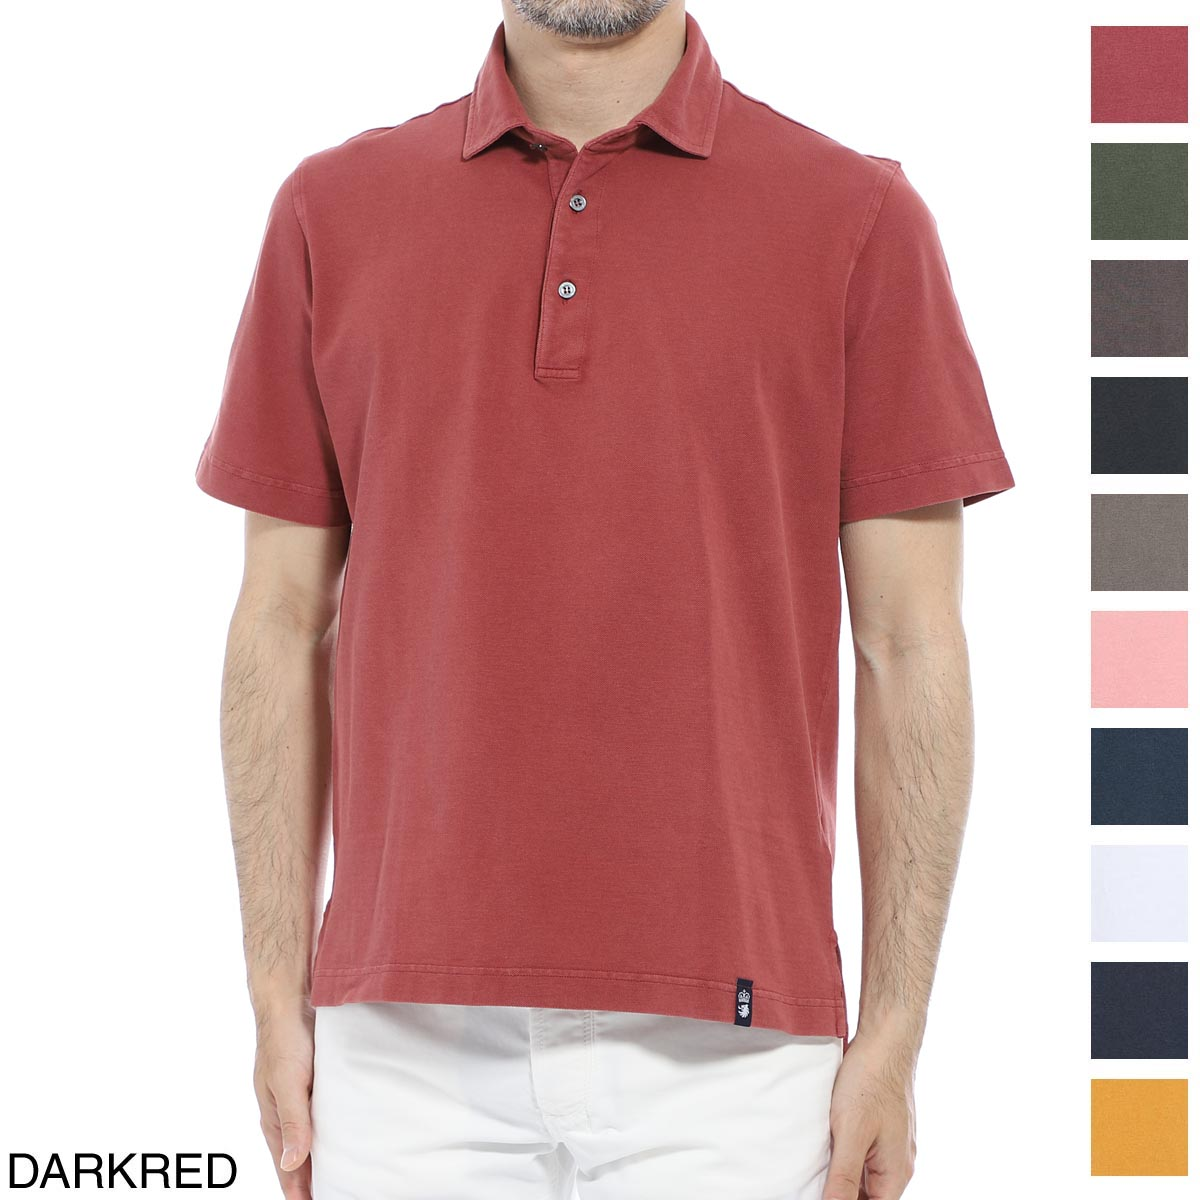 ドルモア DRUMOHR ポロシャツ メンズ dts202 377 ガーメントダイポロシャツ DTS202【あす楽対応_関東】【返品送料無料】【ラッピング無料】